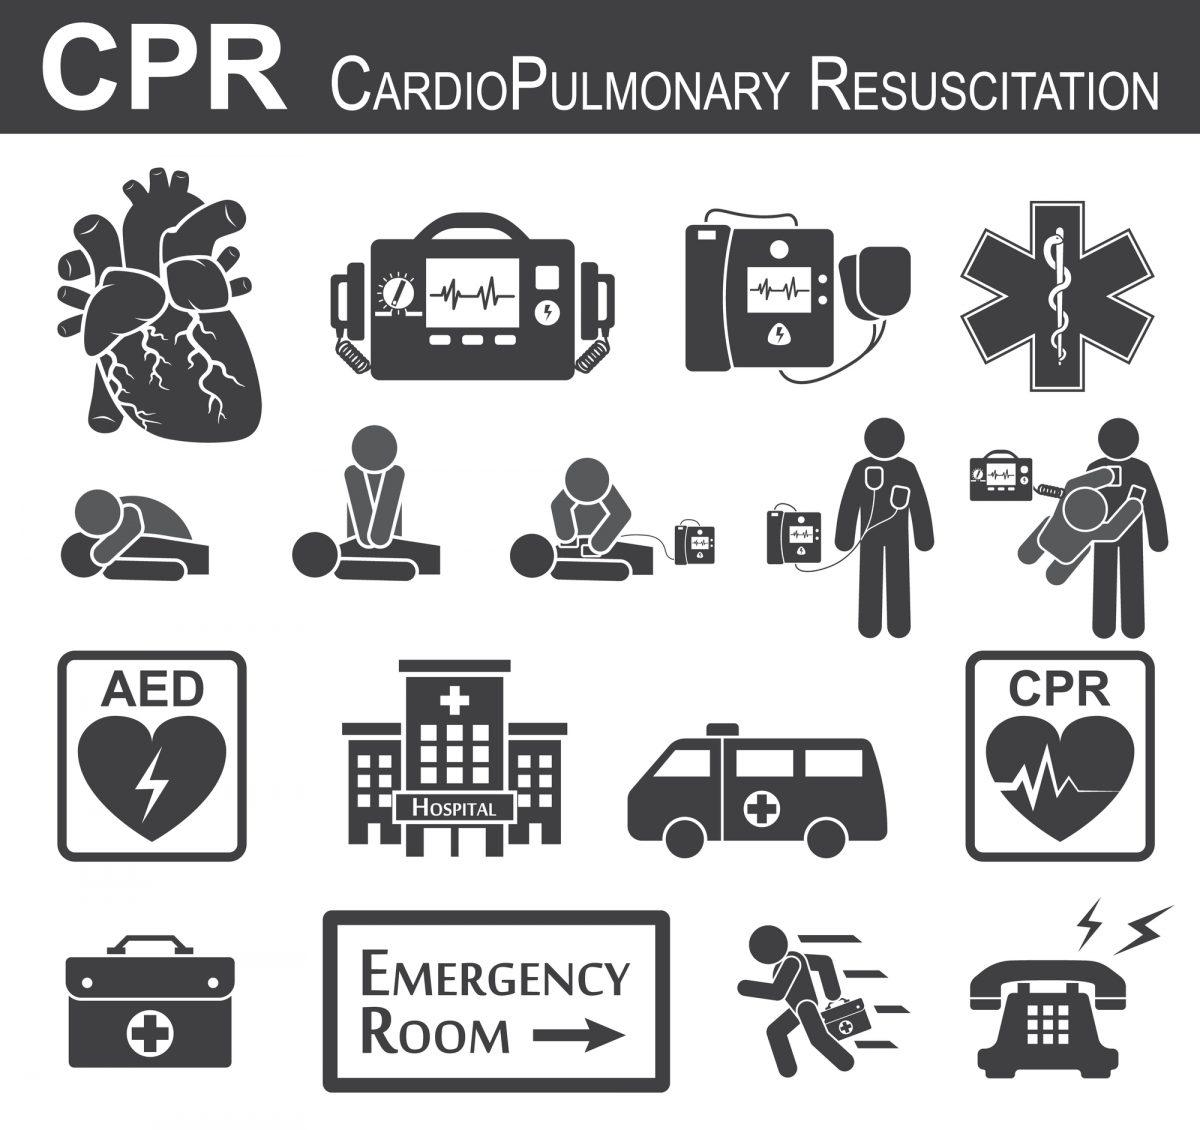 BLS・CPR・AEDの意味、答えられますか?一次救命処置に関する用語まとめ